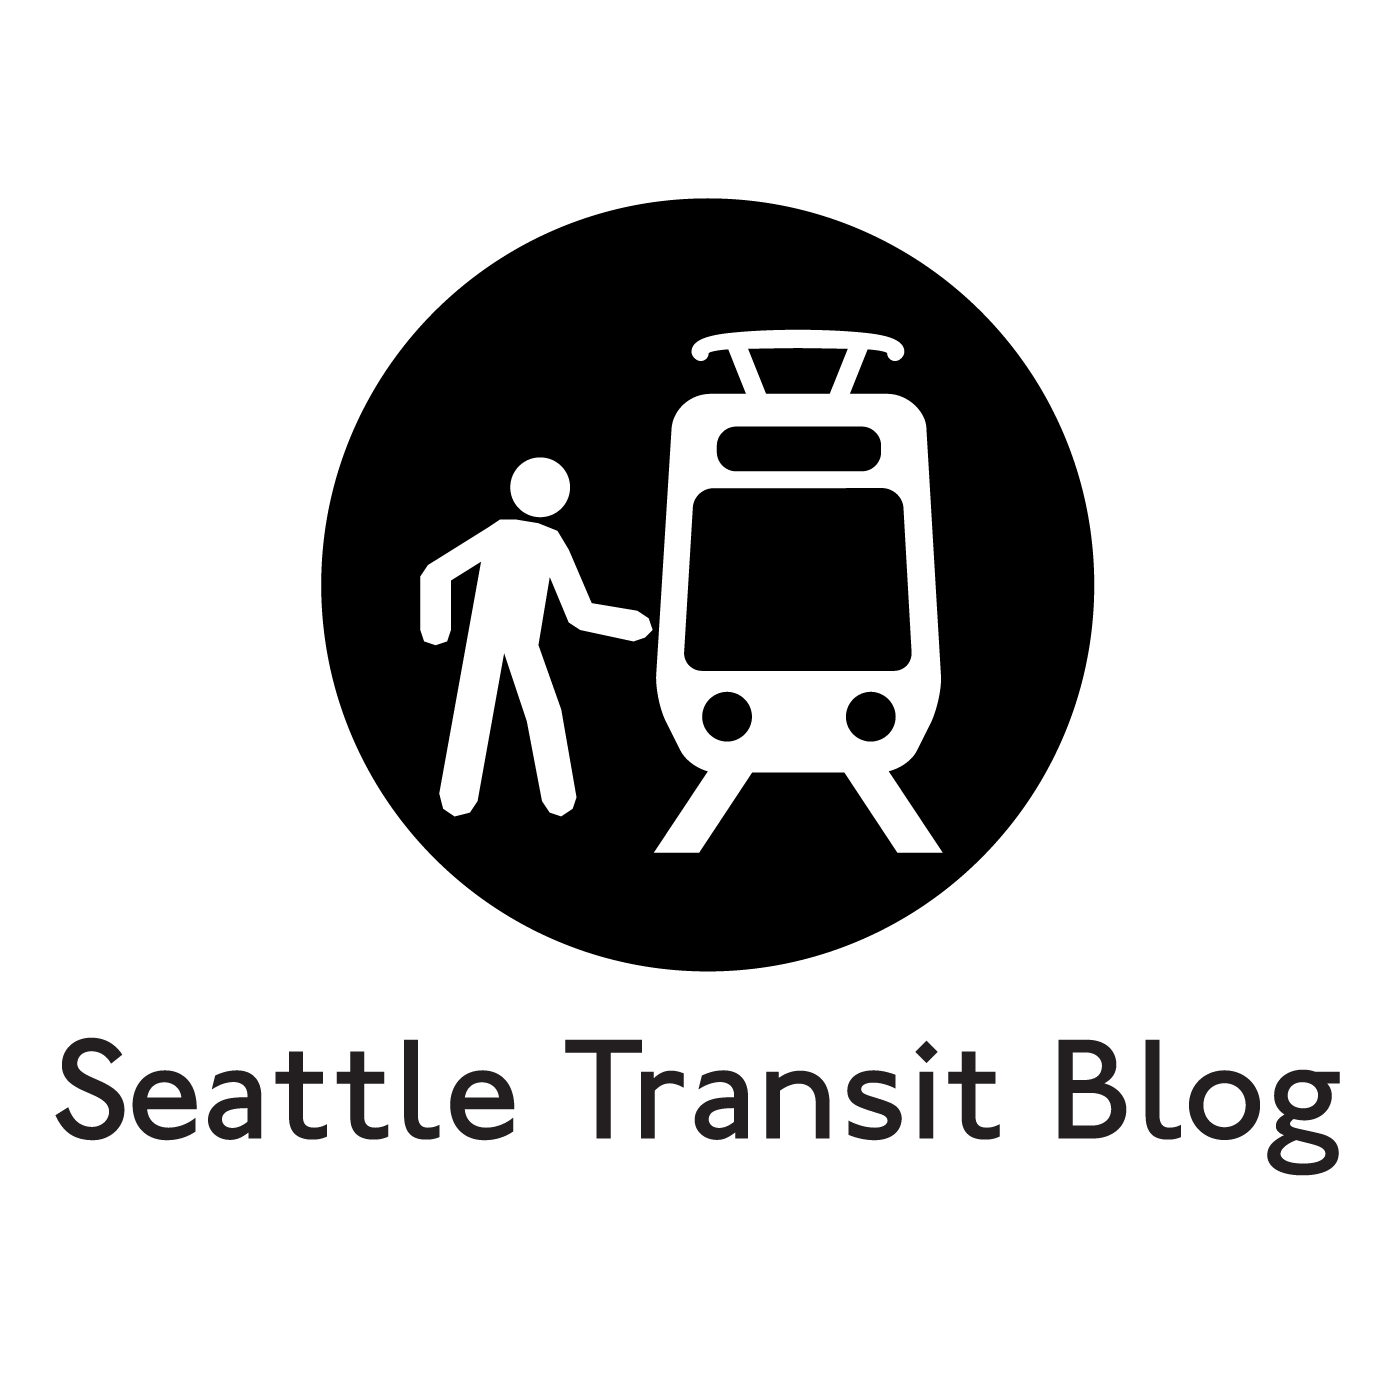 Seattle Transit Blog